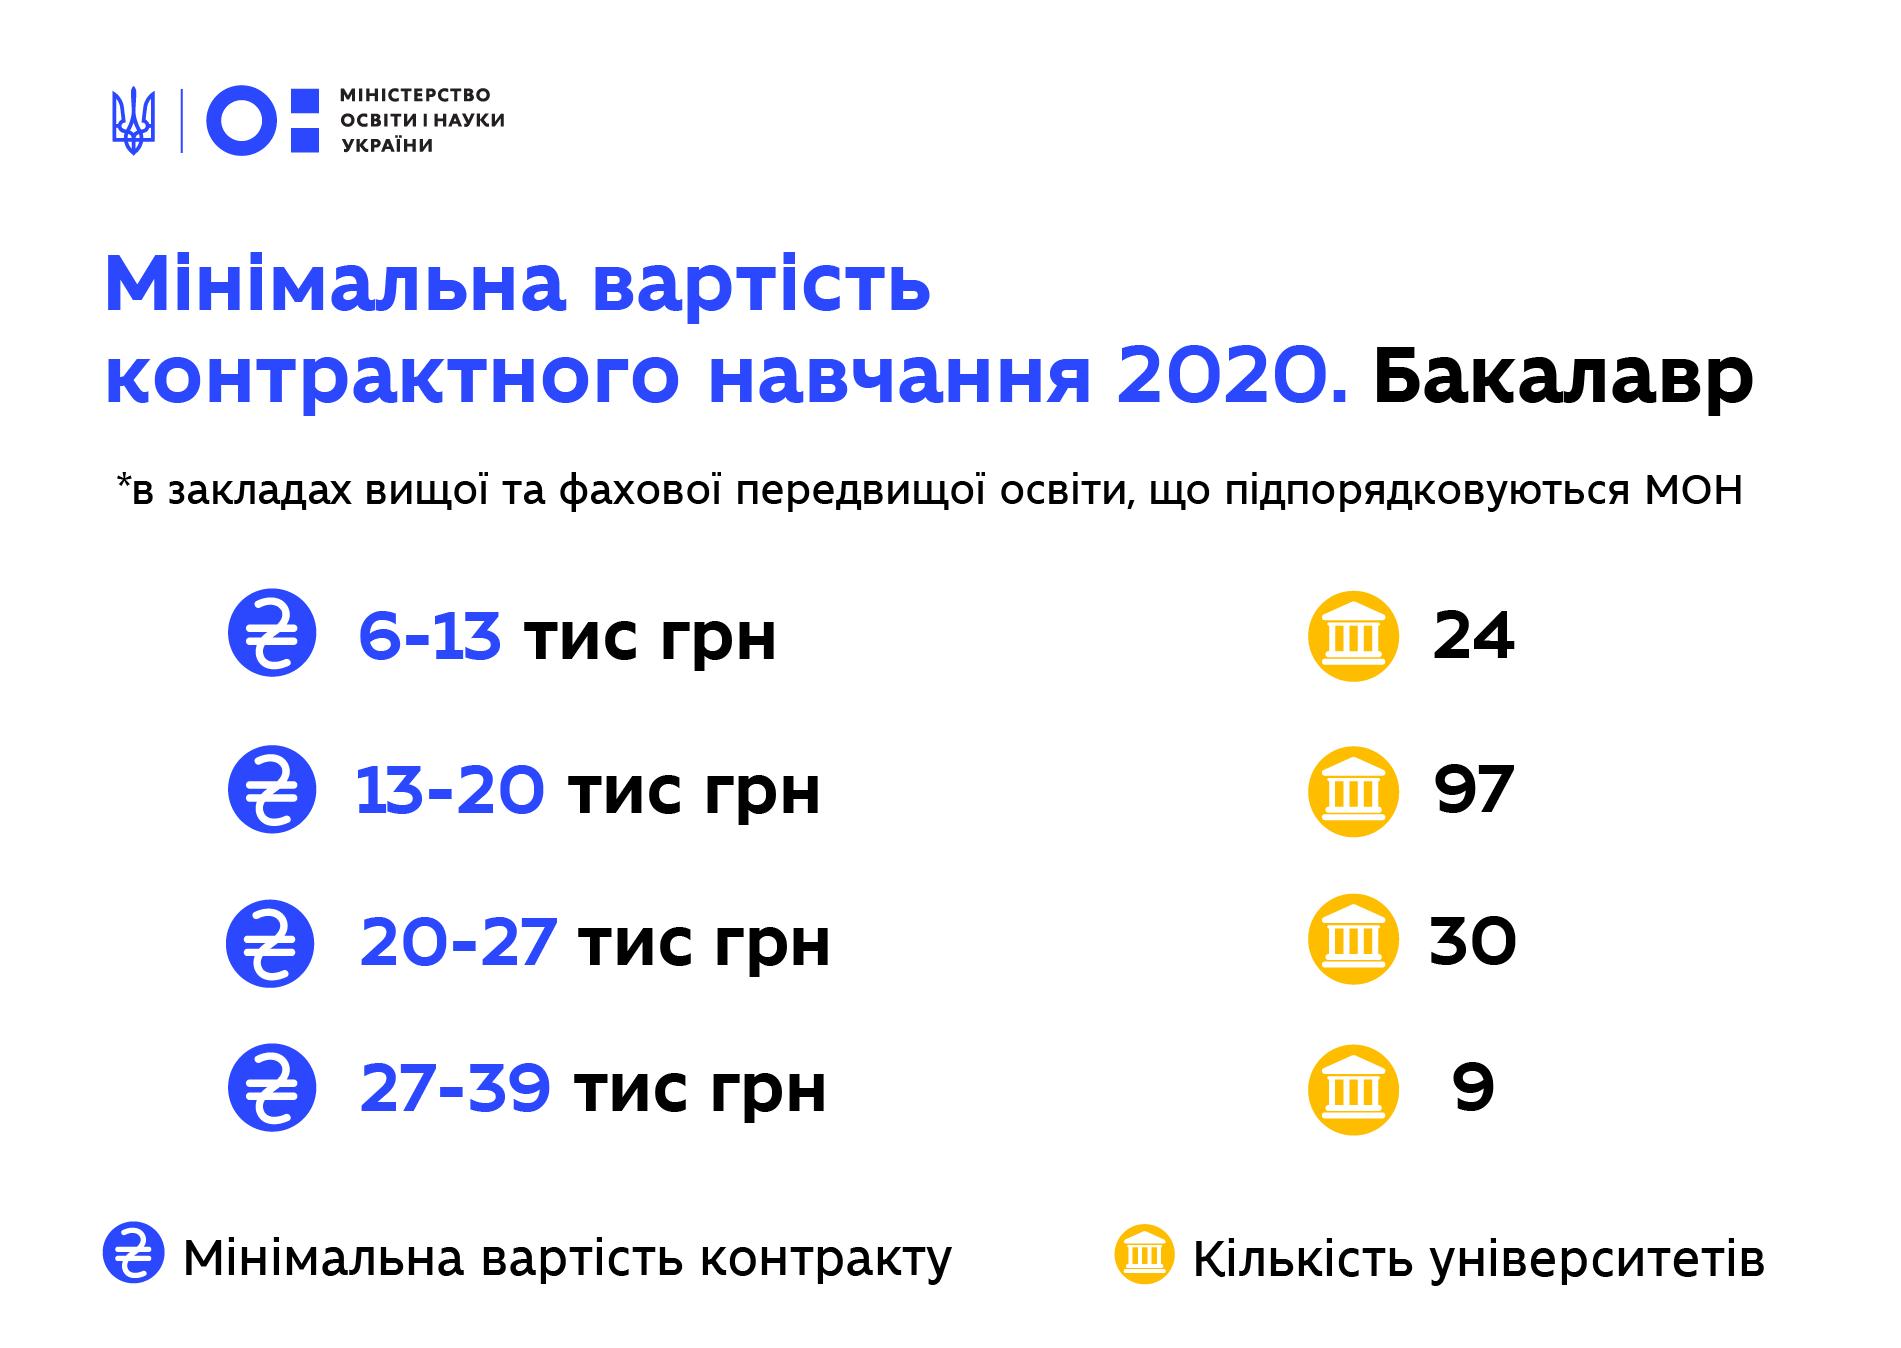 В Министерстве образования рассказали, сколько будет стоить год обучения в вузах - фото 2